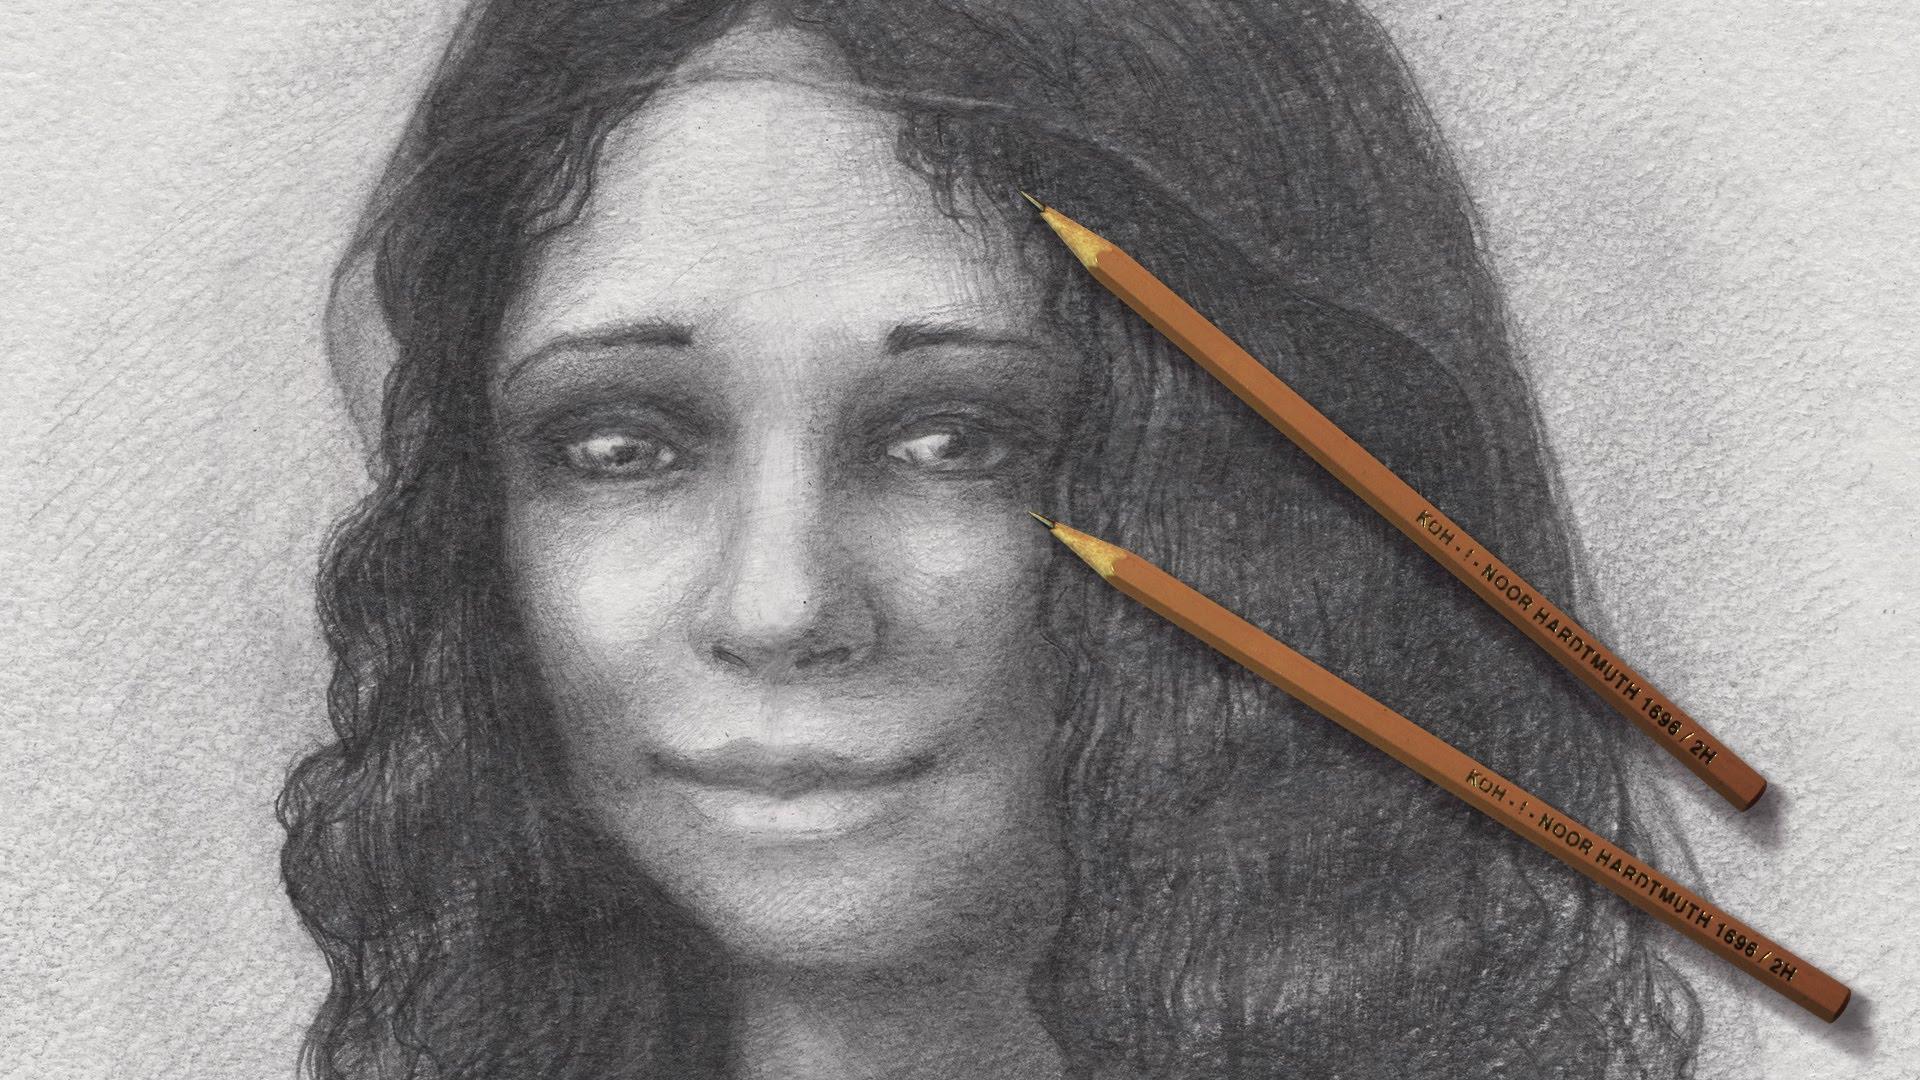 Drawn portrait mona lisa Mona Mona Лиза  da